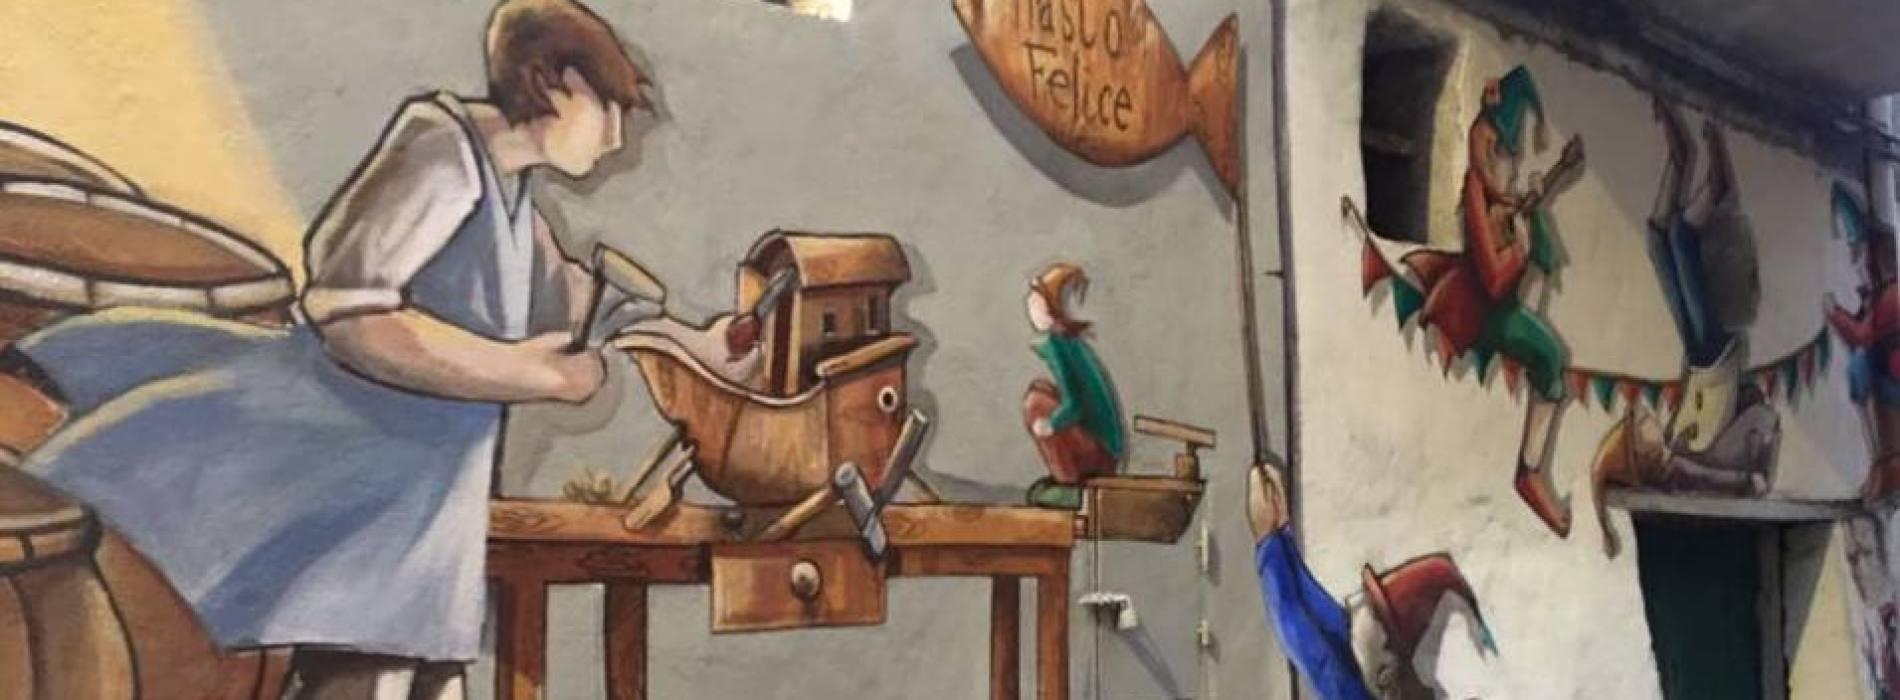 Pinocchio a Valogno, l'adolescenza porta i colori della libertà